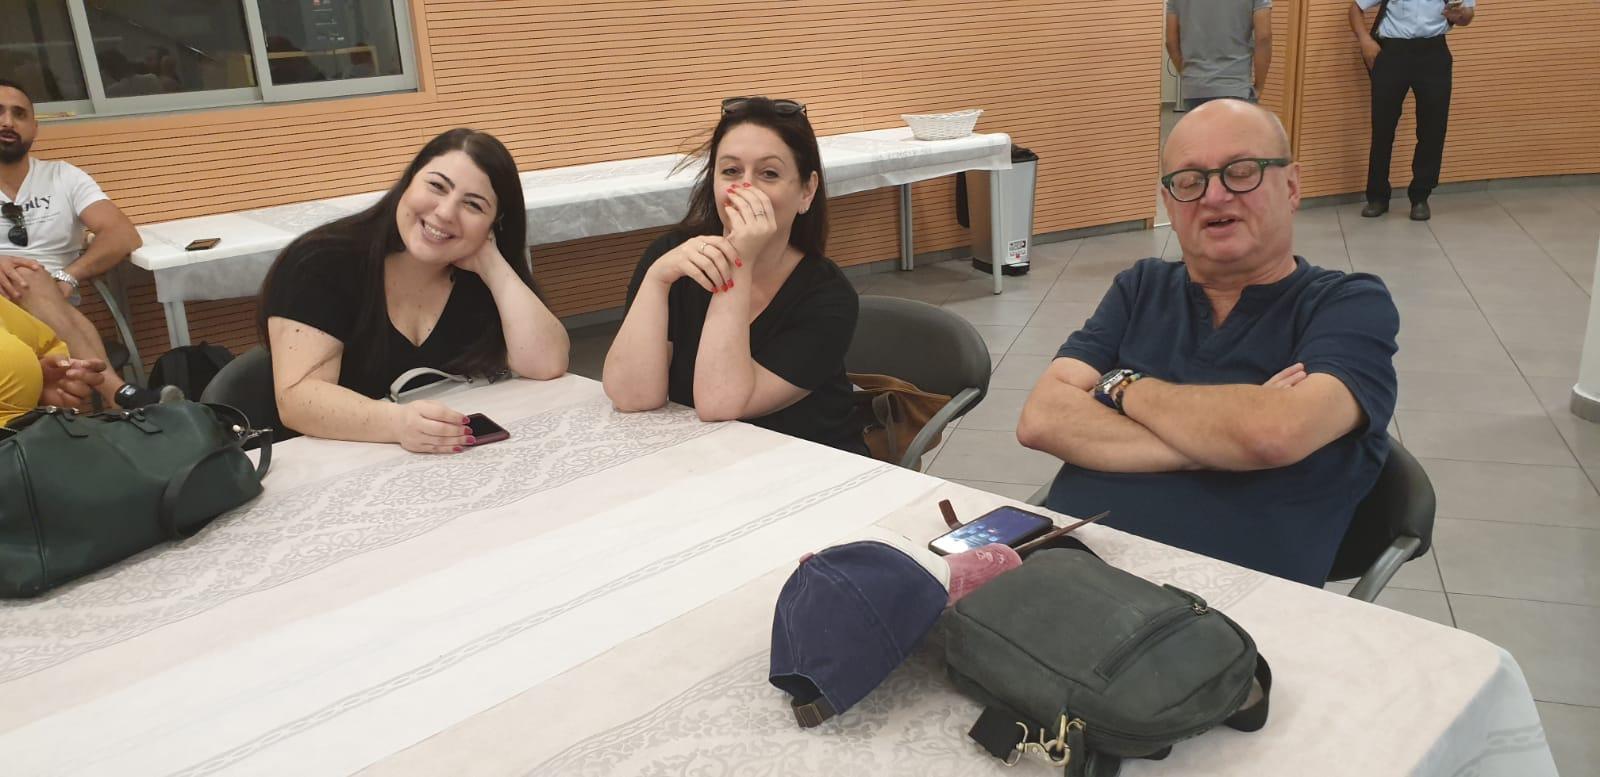 גלרייה - סיור לנמל אשדוד ספטמבר 2019, 2 מתוך 29